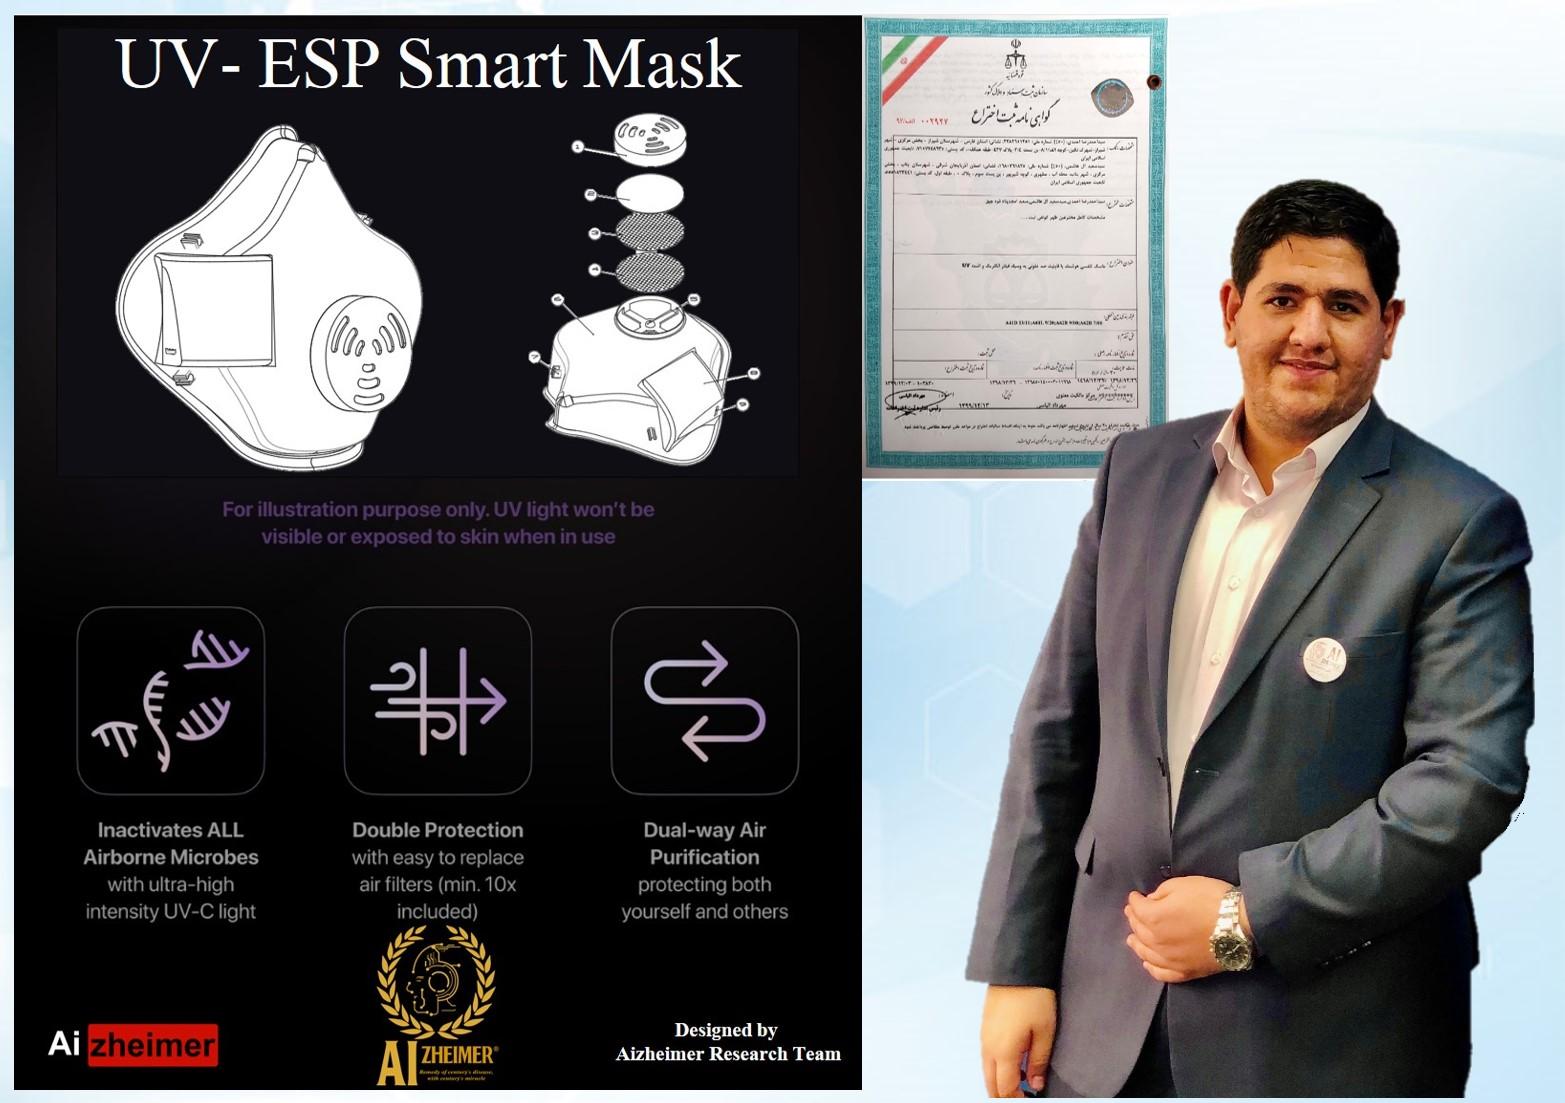 موفقیت دانشمند جوان بنابی در اختراع نسل جدیدی از ماسک های تنفسی هوشمند